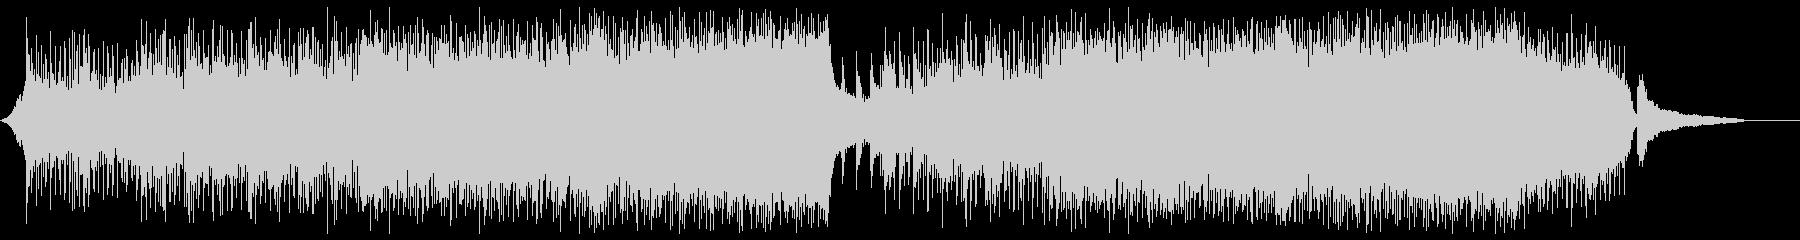 爽快に駆け抜けるシンフォニックロック2の未再生の波形